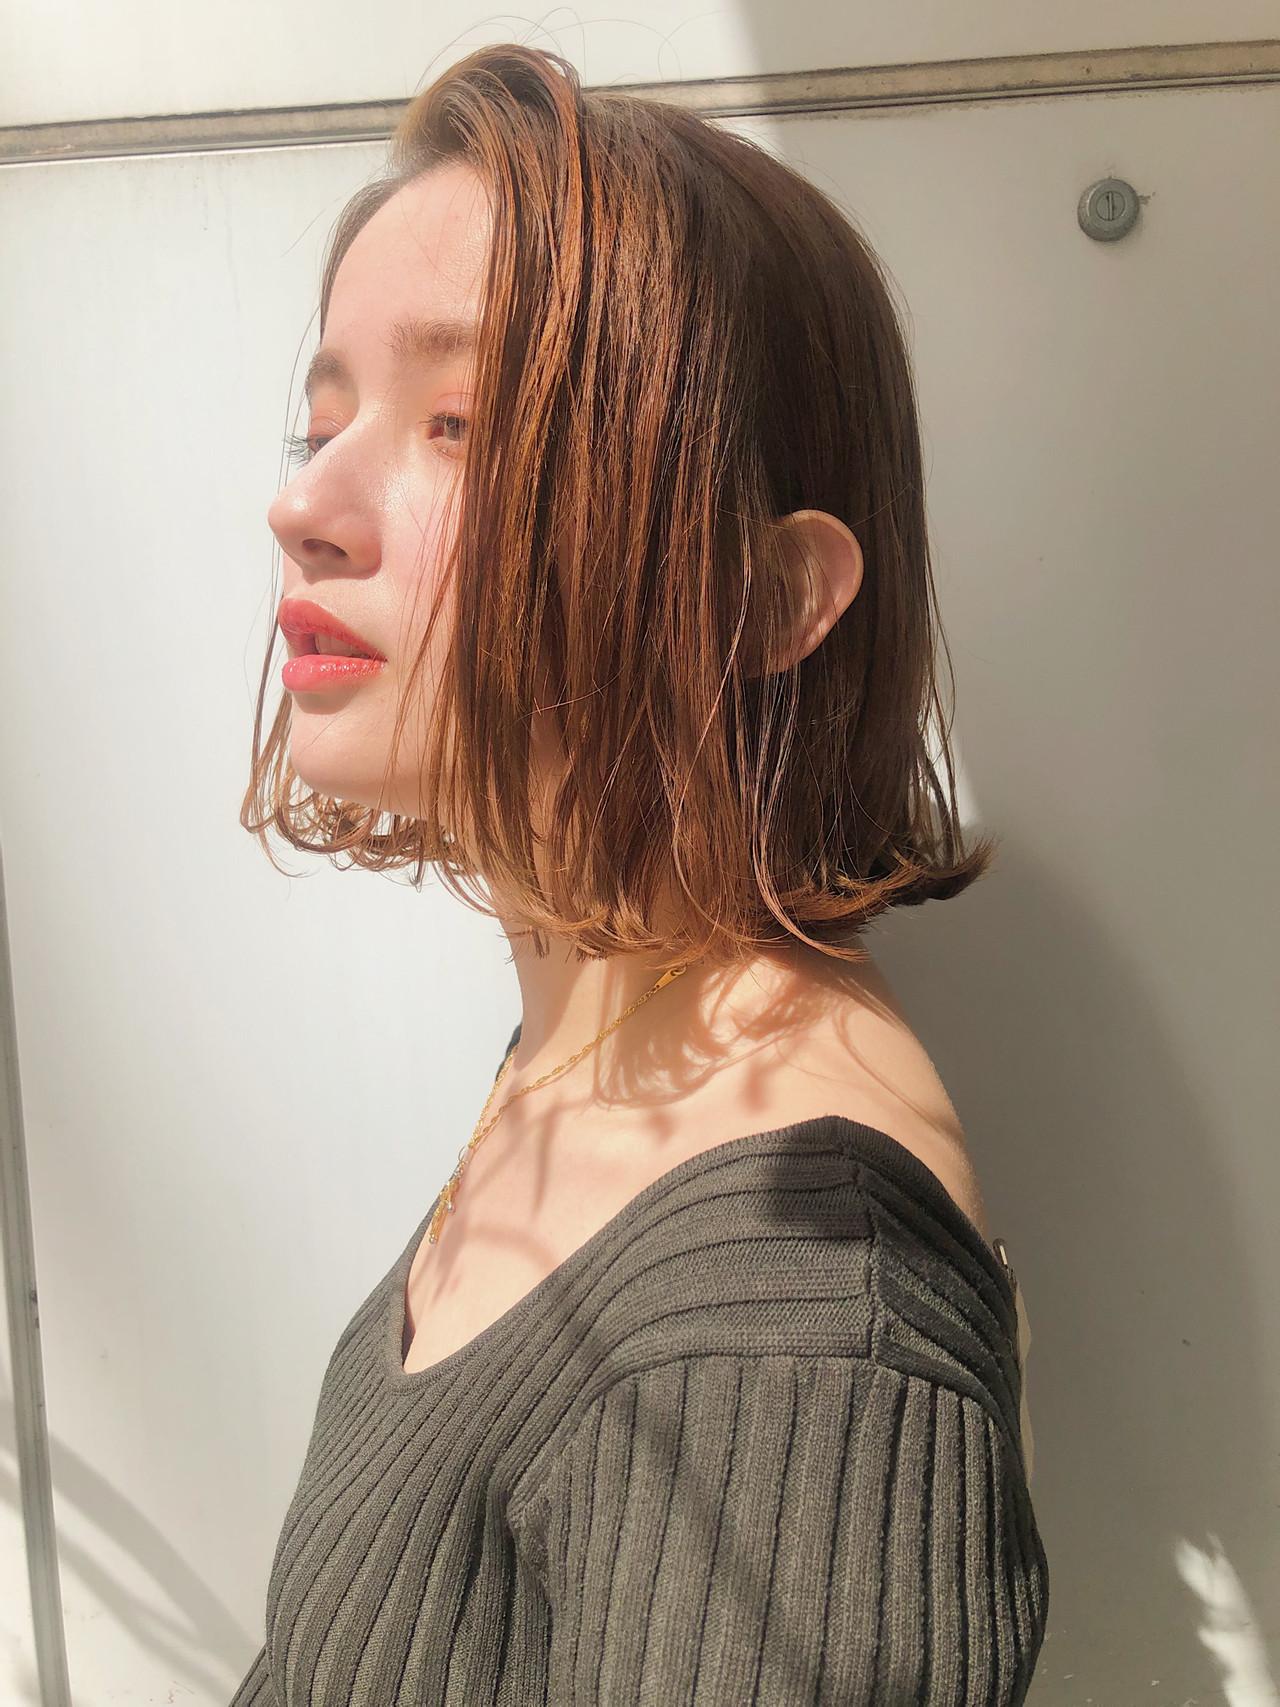 ボブ 大人かわいい 小顔 ナチュラル ヘアスタイルや髪型の写真・画像 | MARIA / EMMA GINZA